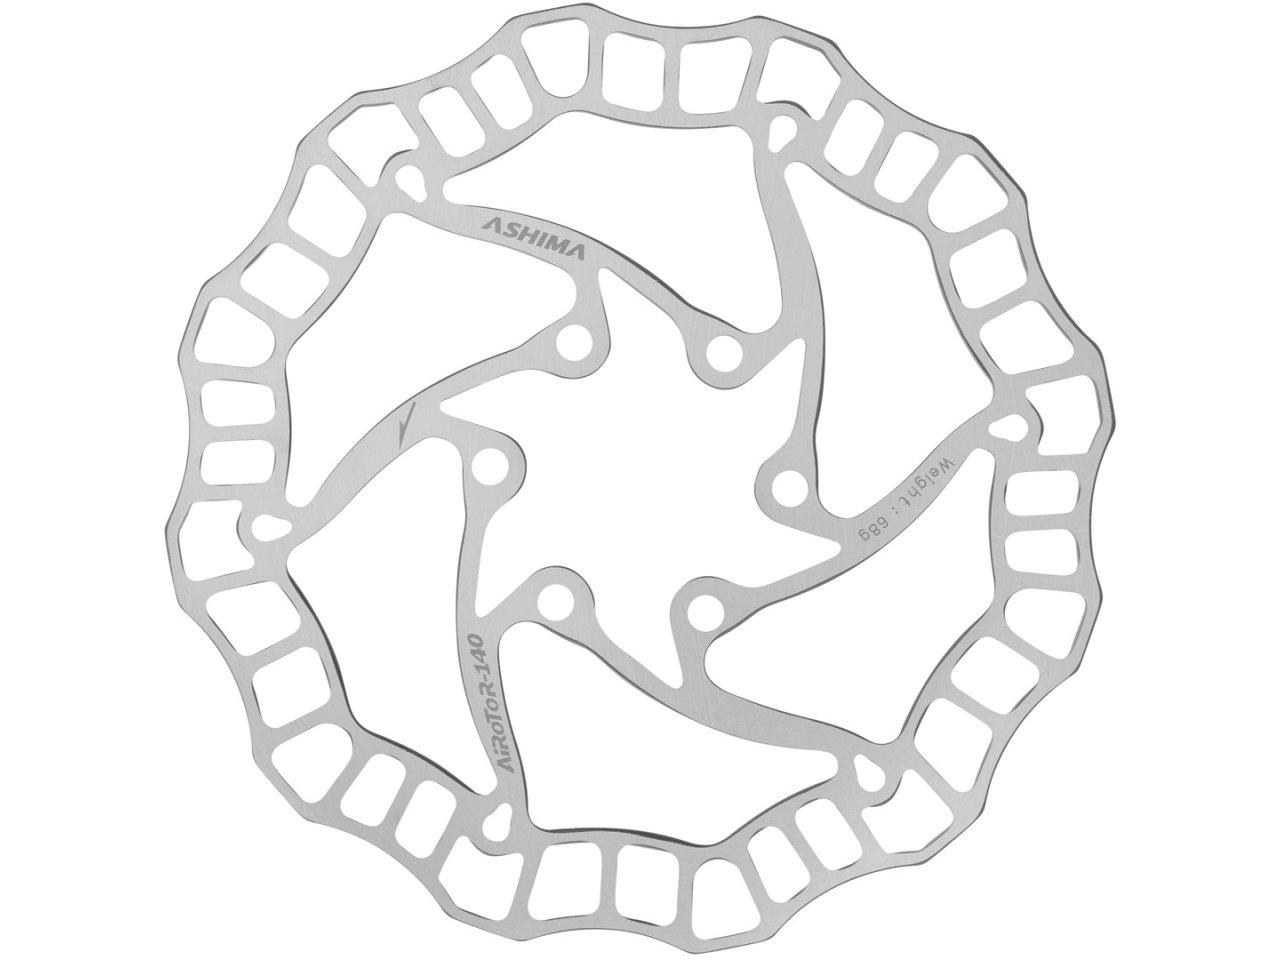 ASHIMA Airotor ARO-08 Bremsscheibe silber brake disc MTB